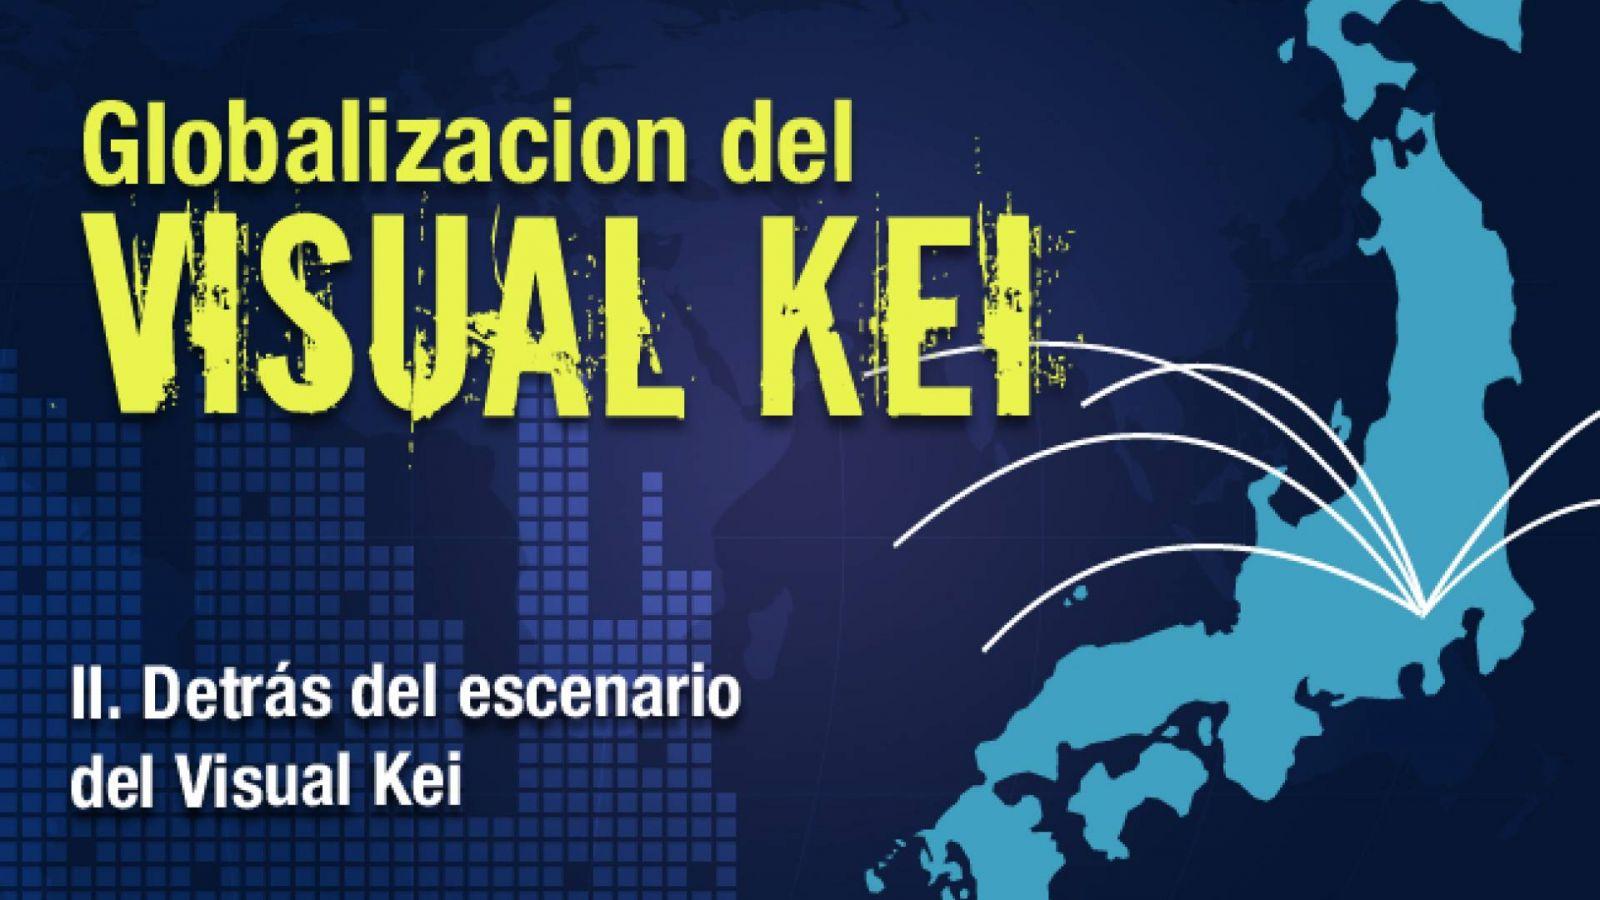 La globalización del Visual Kei: Detrás del escenario del visual kei © Lydia Michalitsianos